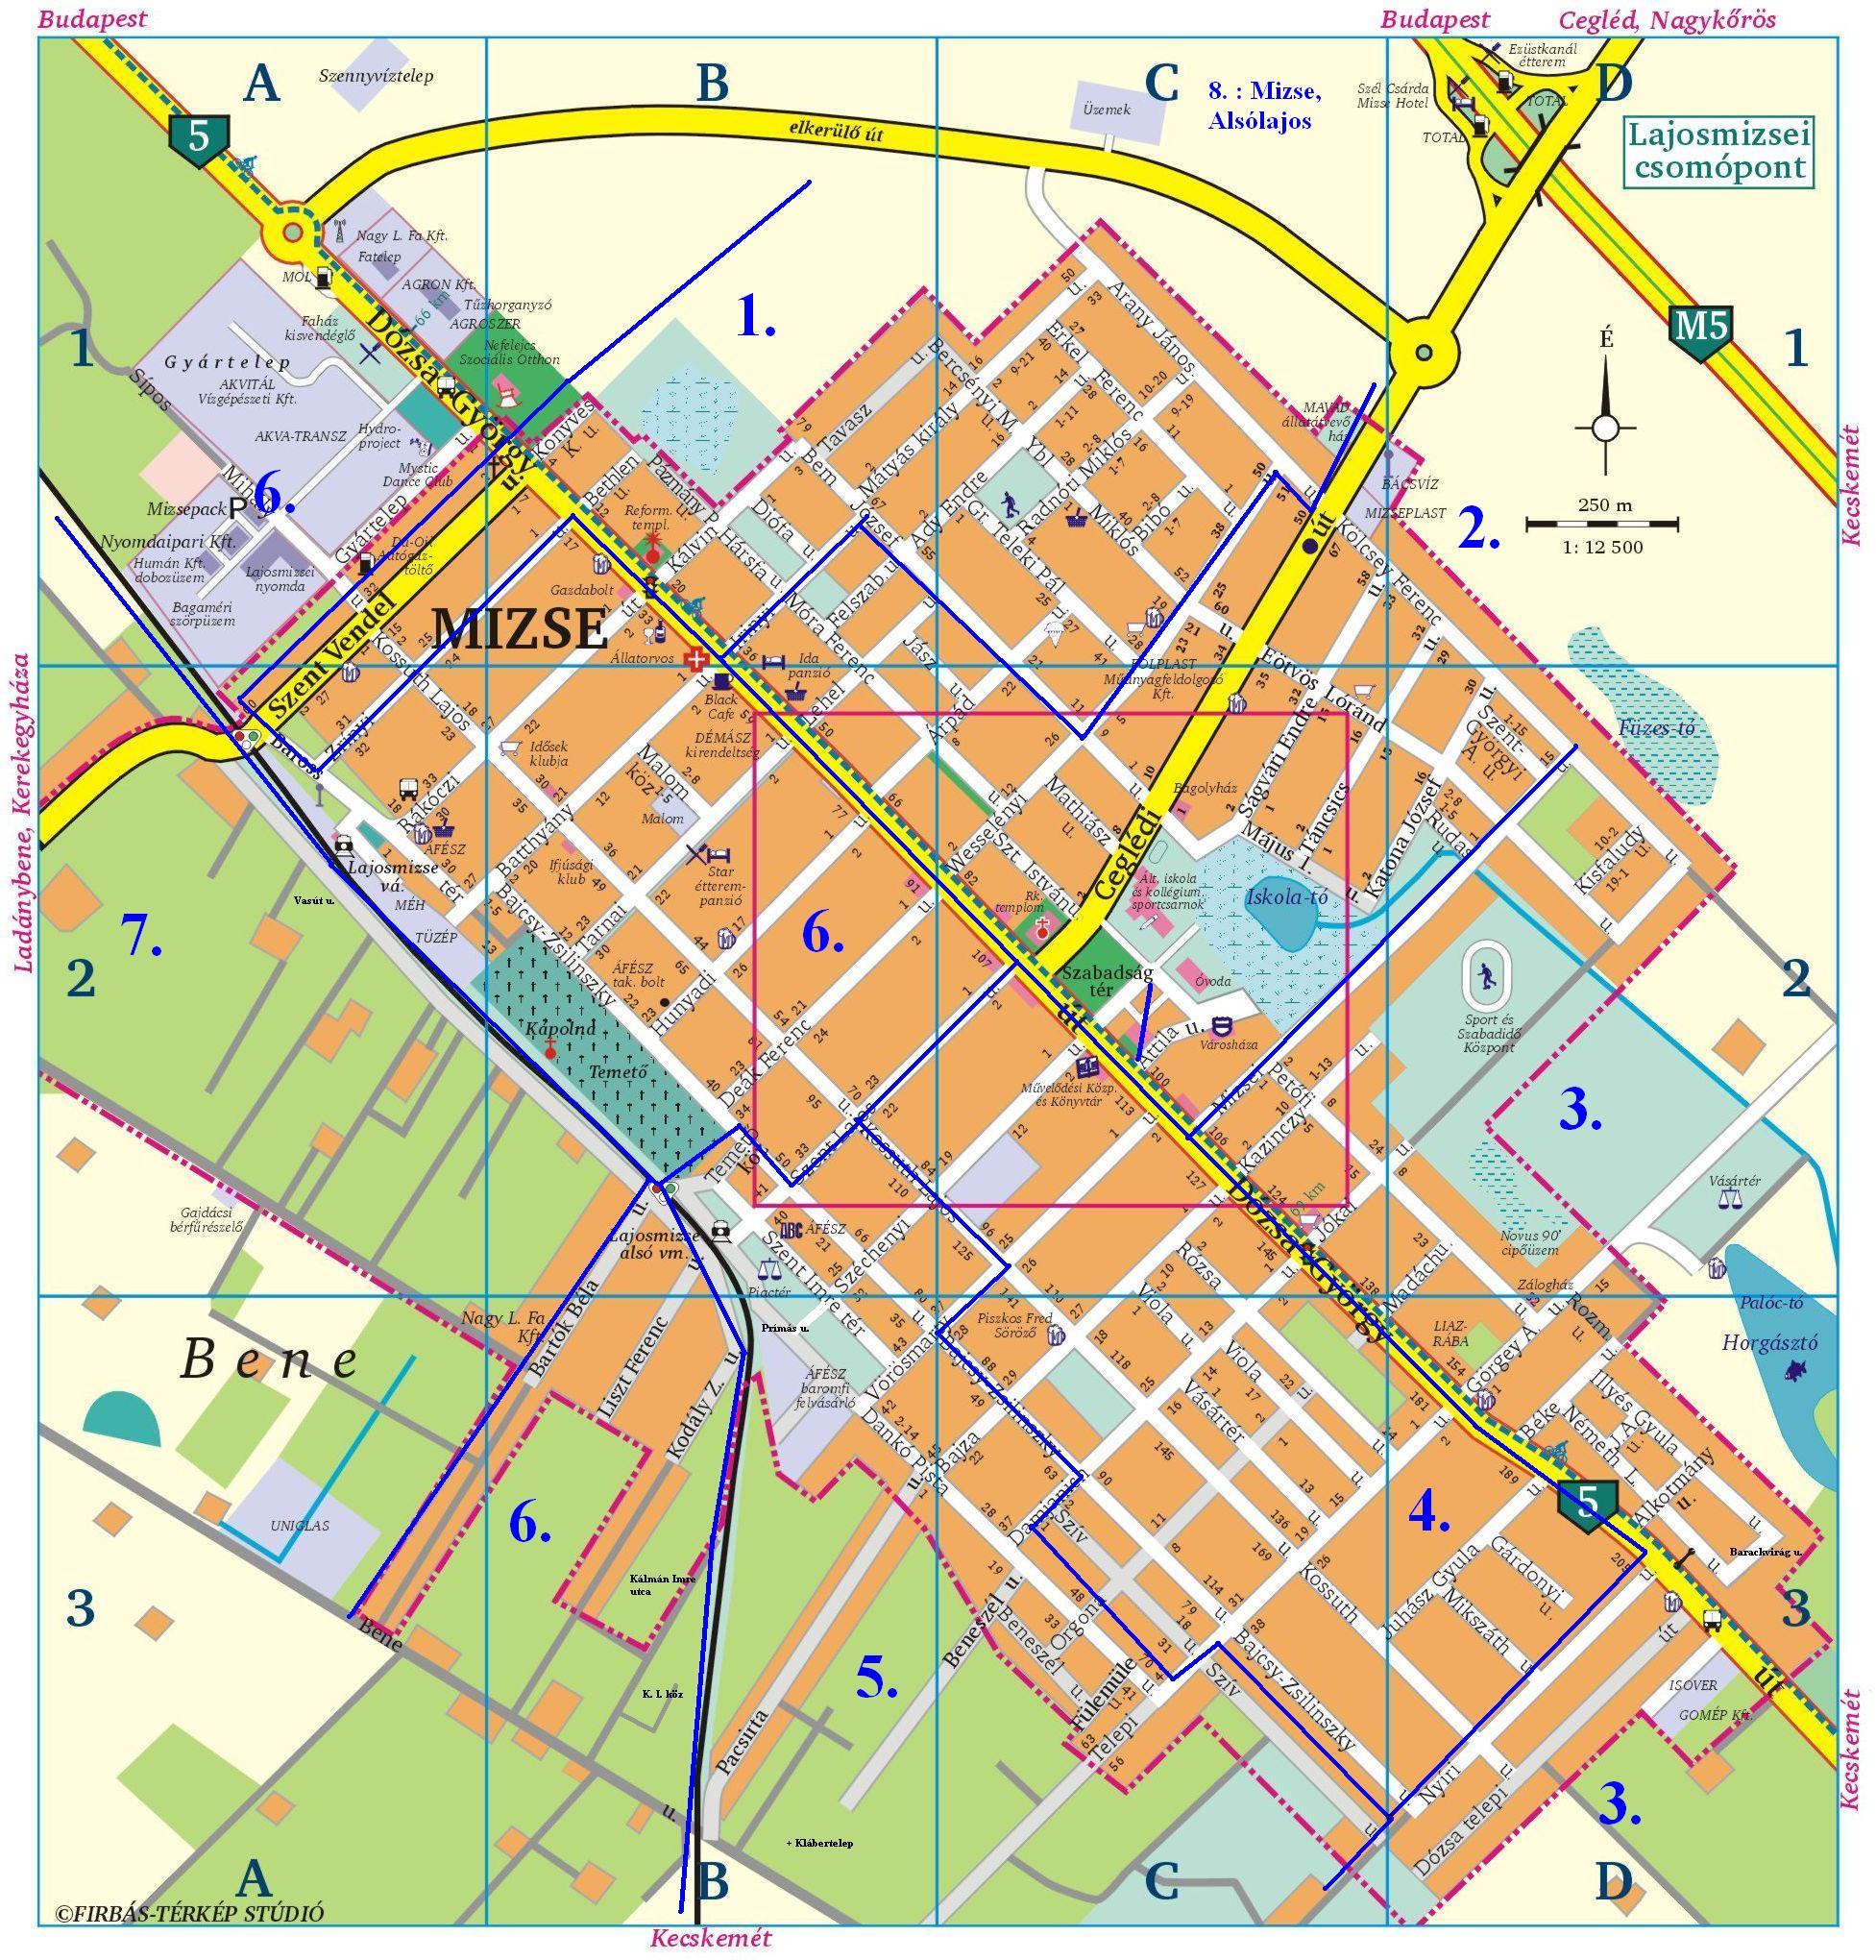 lajosmizse térkép Választói elégedettségi kérdőív – a mi verziónk | JászLajosmizse.hu lajosmizse térkép